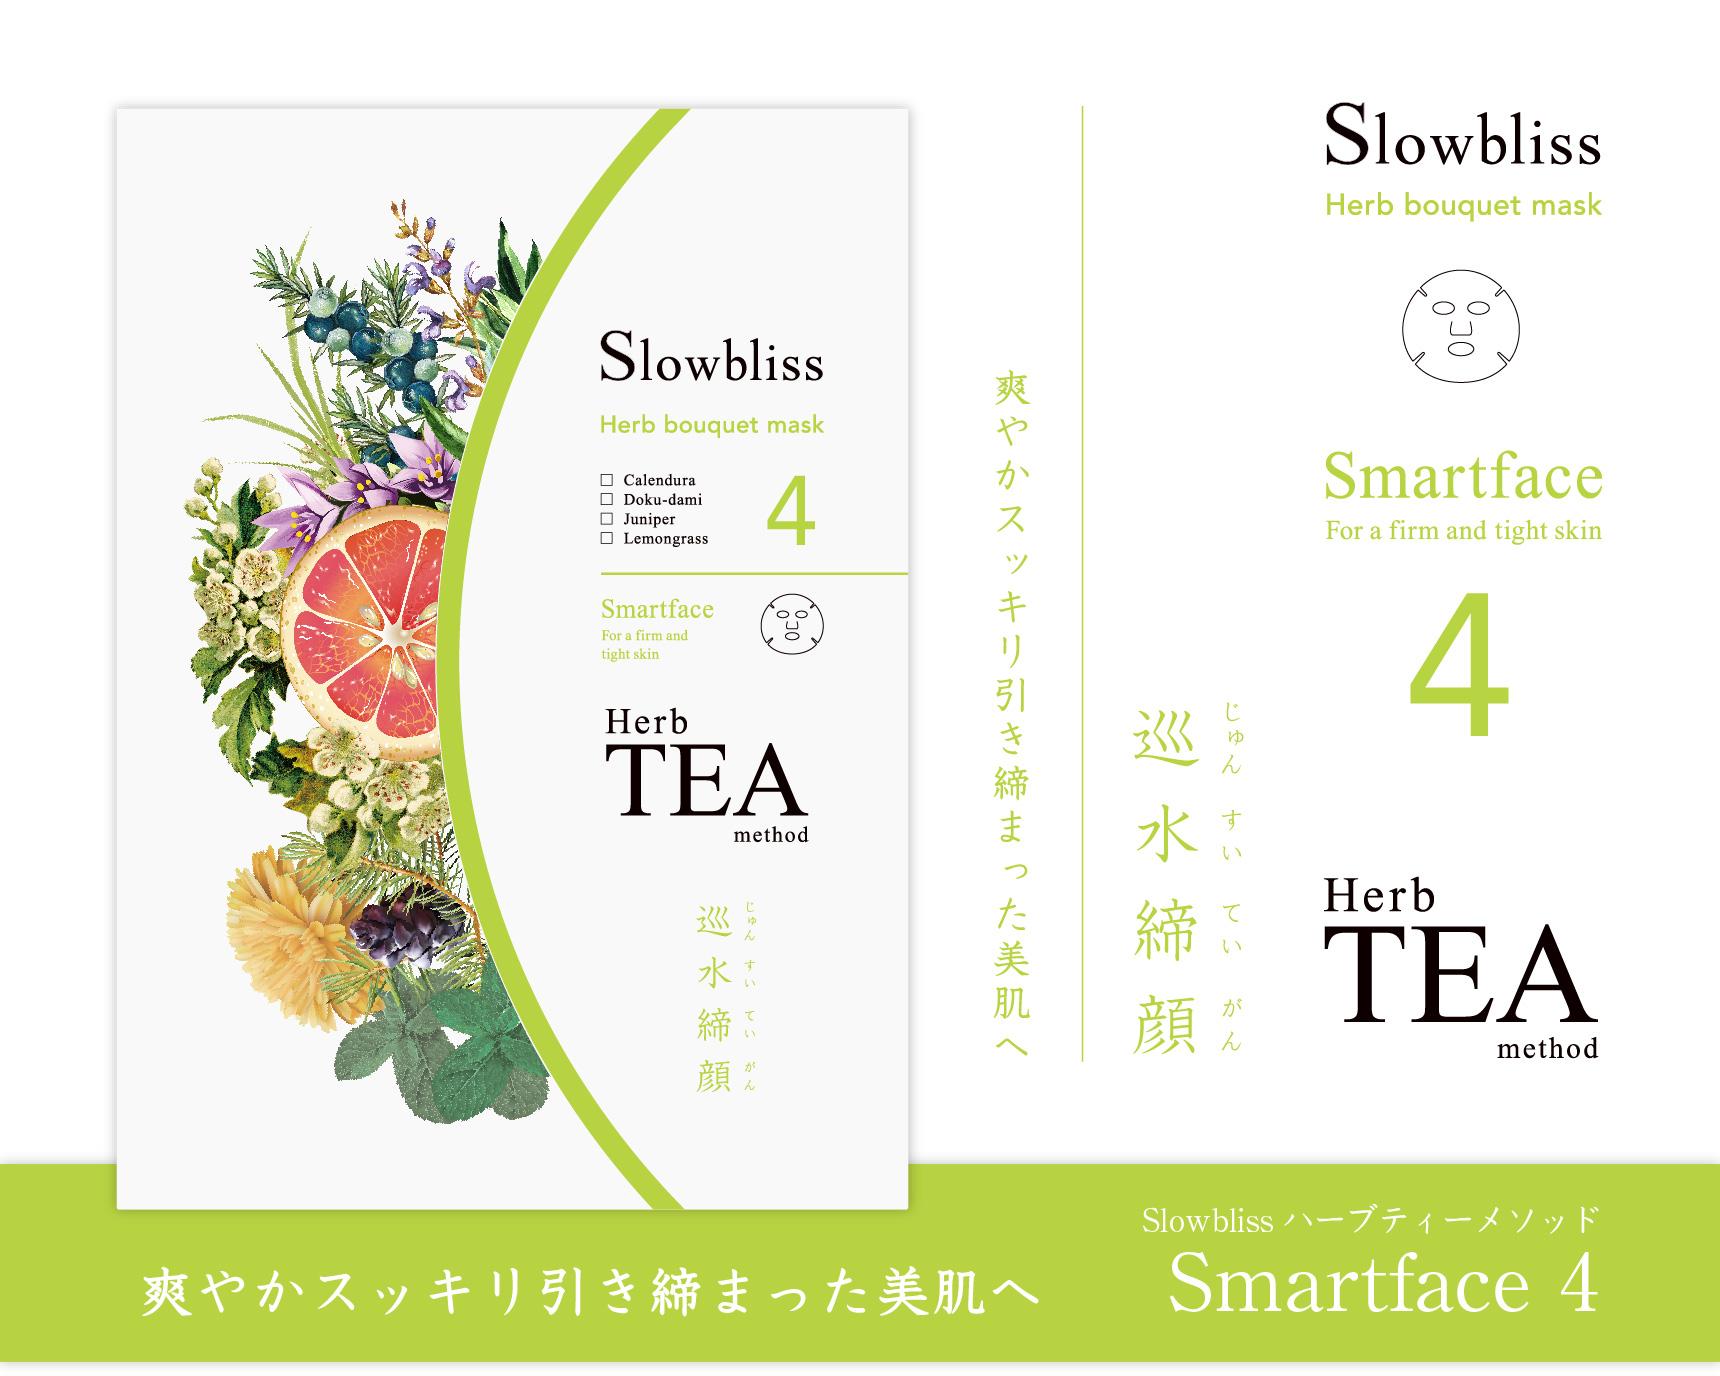 Slowbliss ハーブブーケマスク スマートフェイス 4 爽やかスッキリ引き締まった美肌へ 「巡水締顔」Smartface